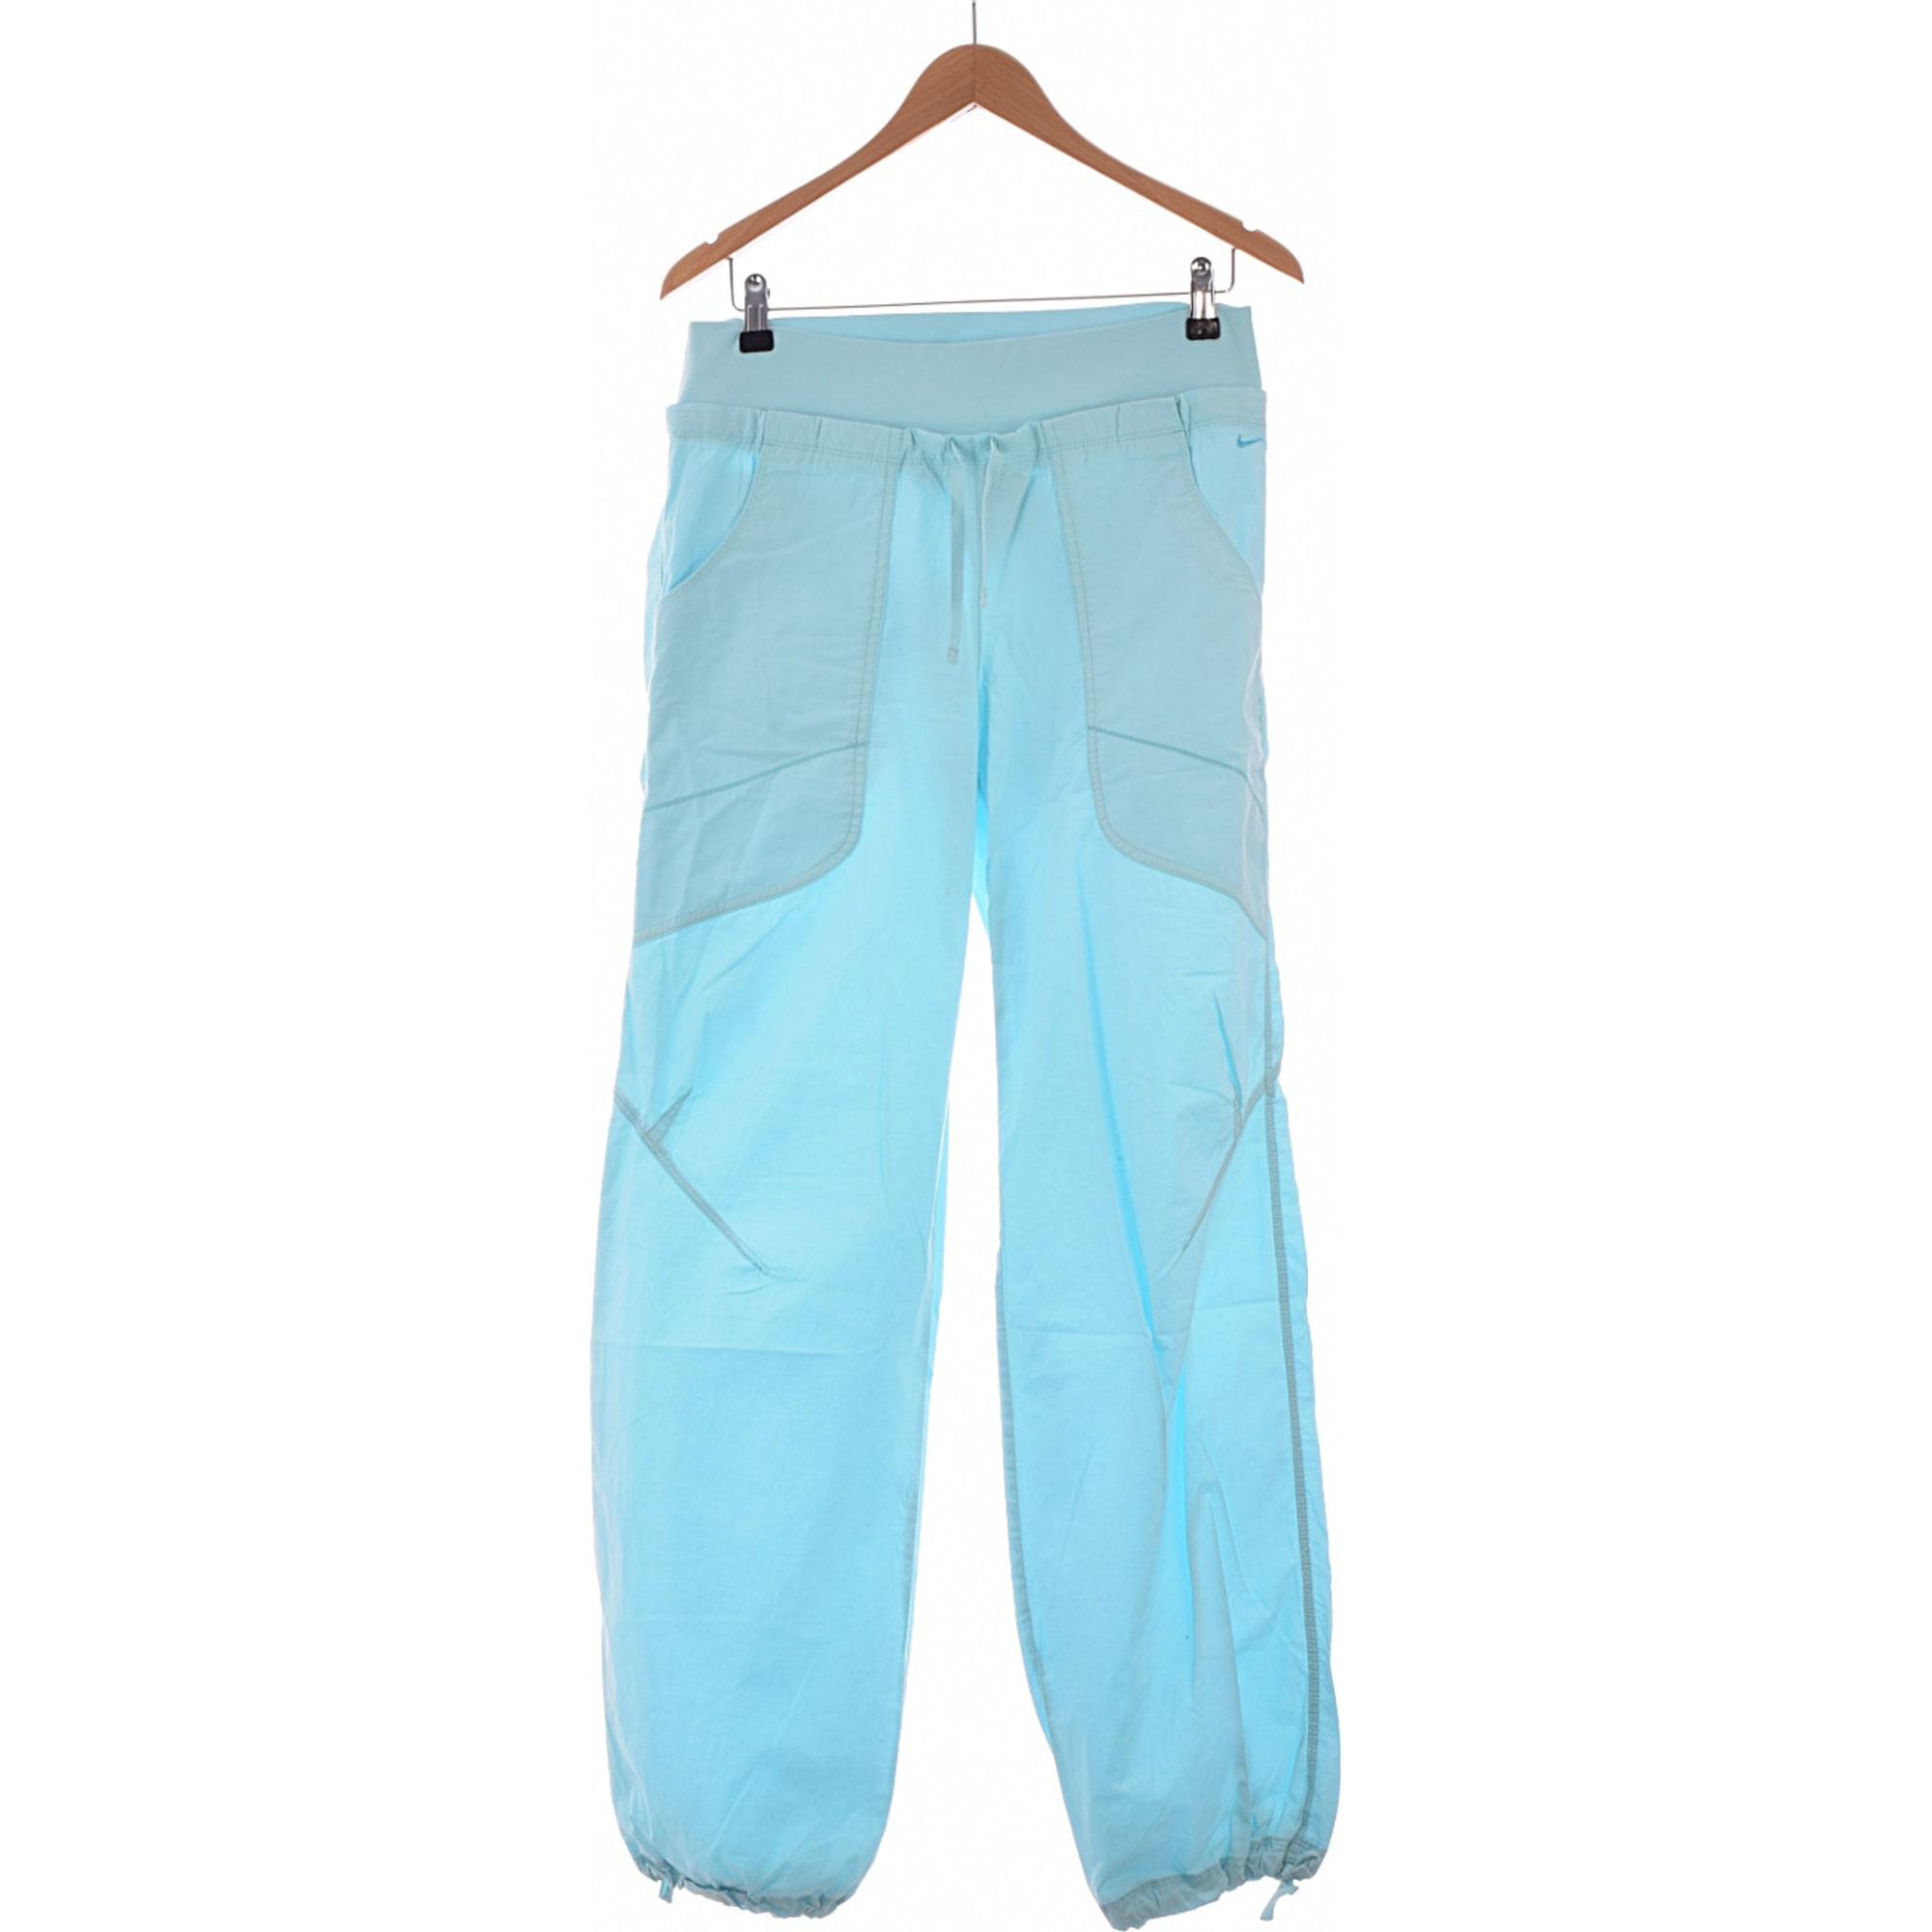 Pantalon droit NIKE Bleu, bleu marine, bleu turquoise